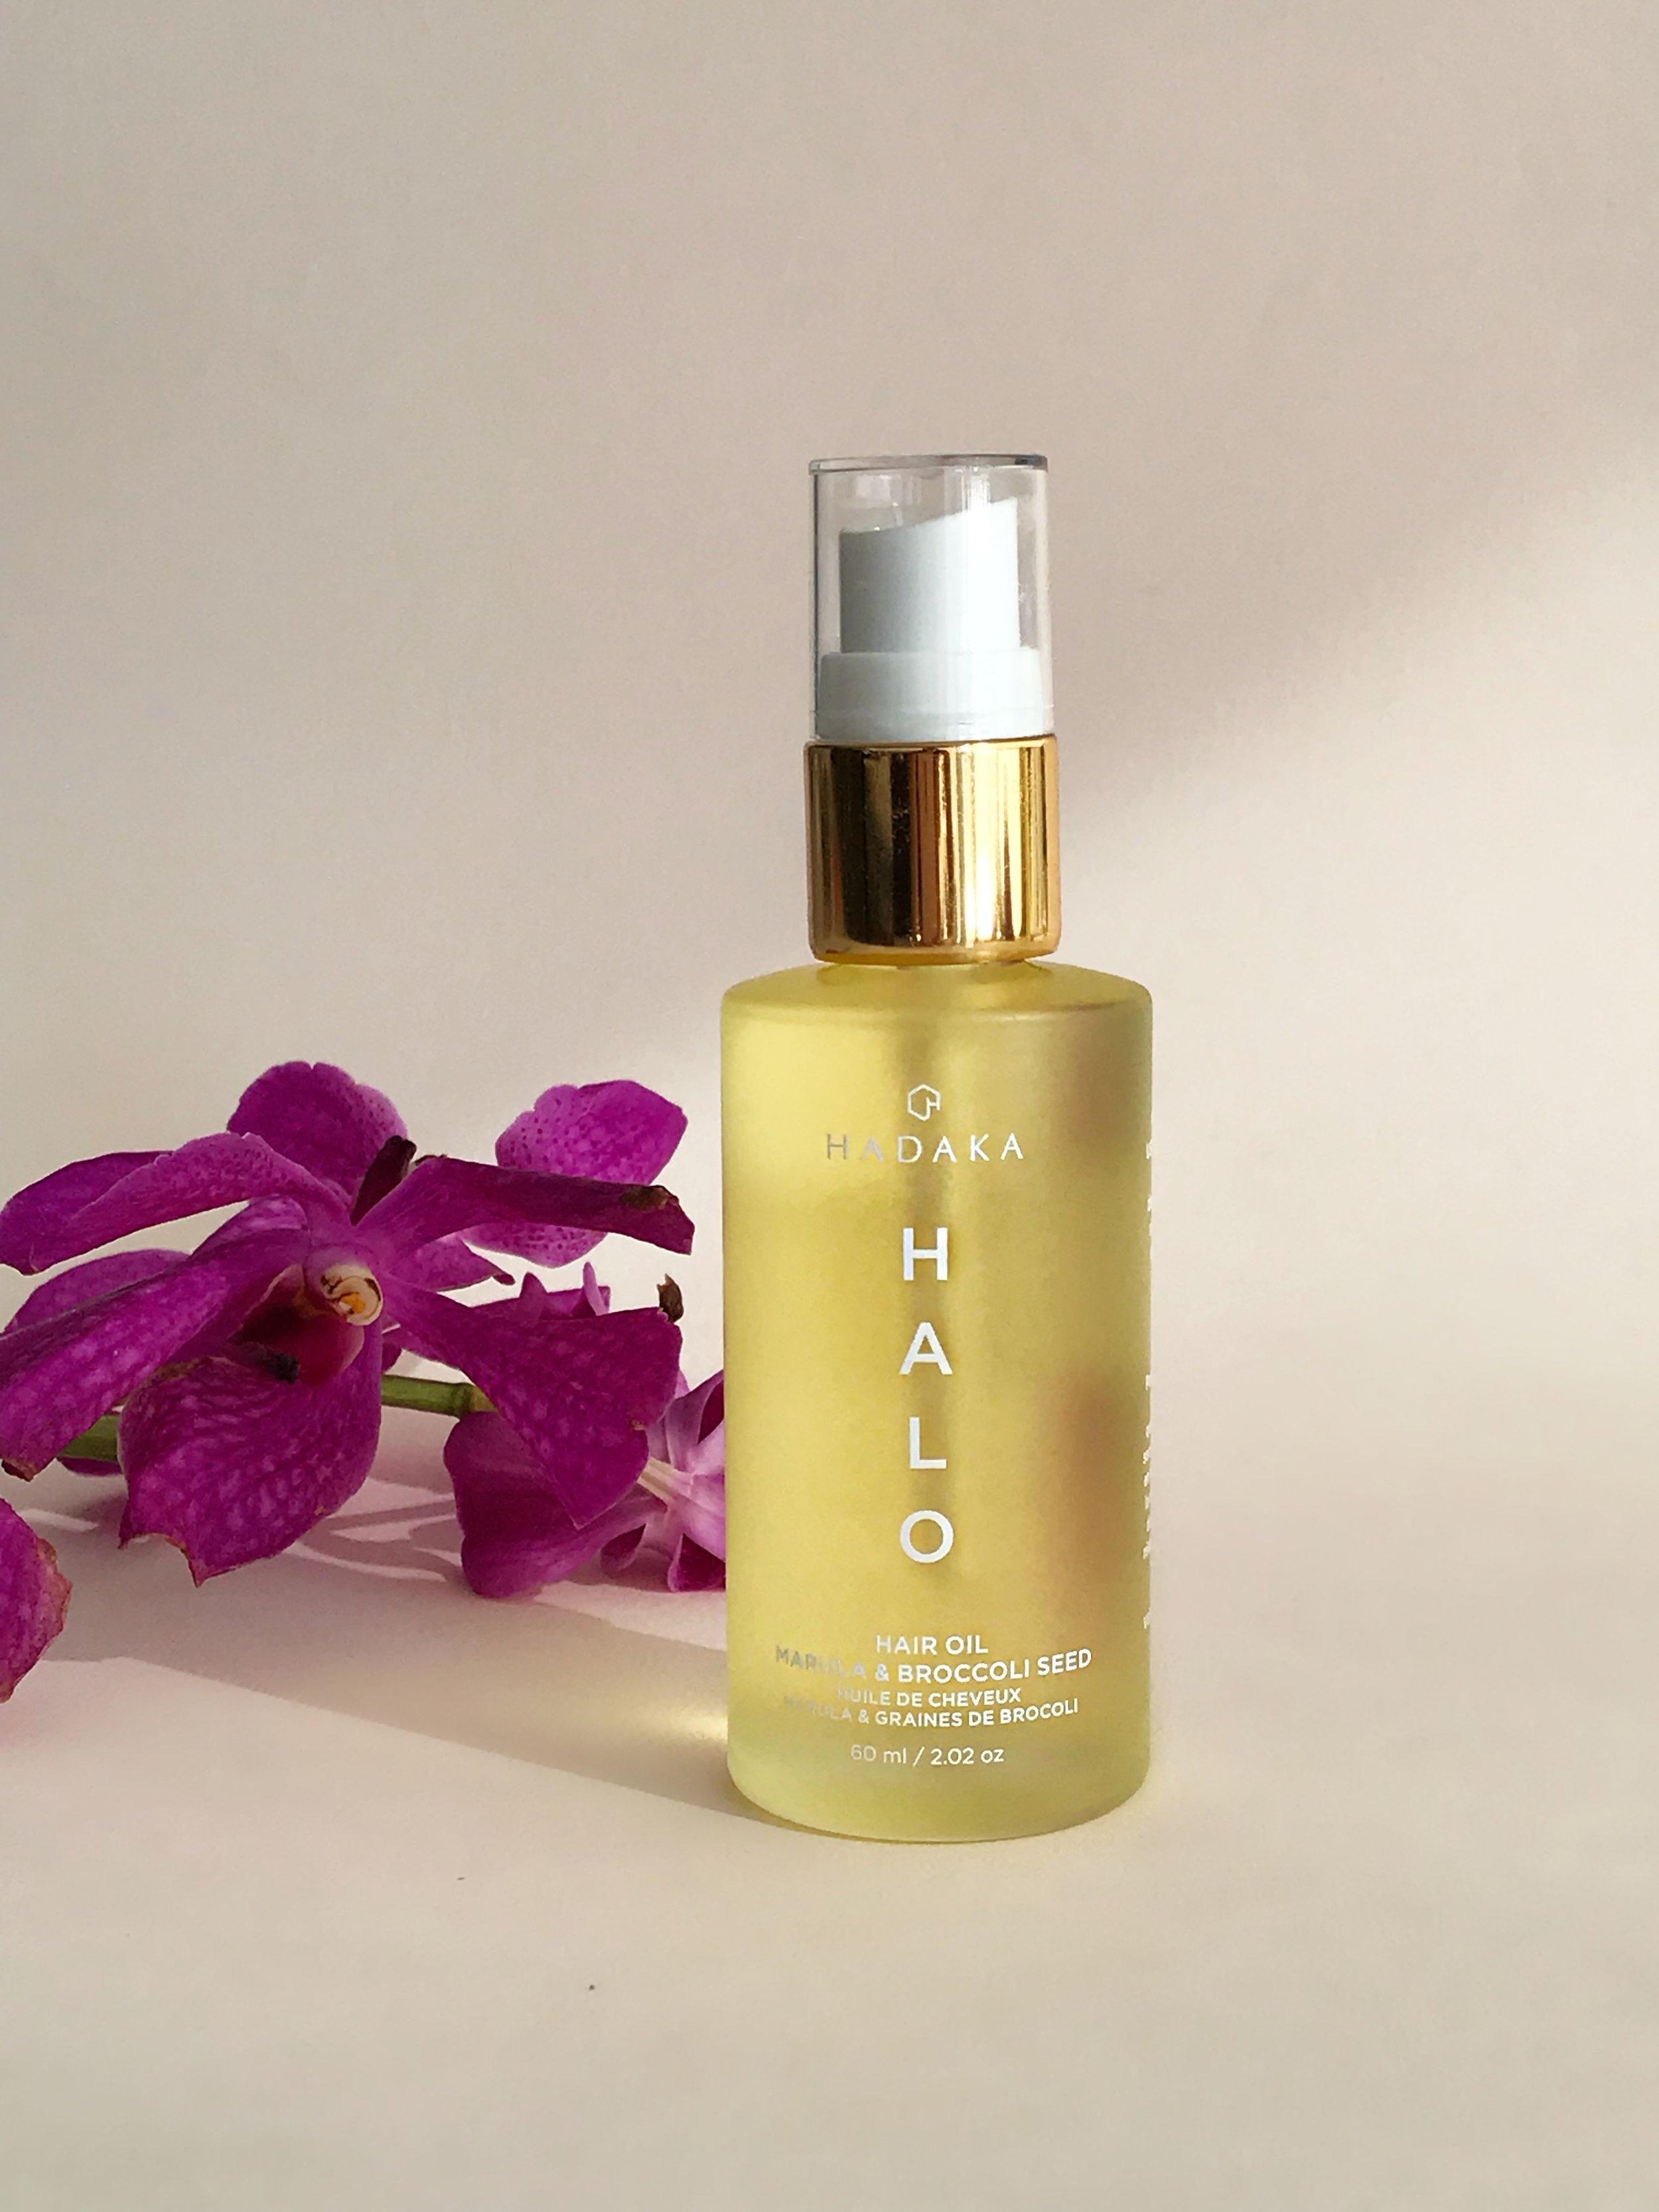 HALO Hair oil.jpg